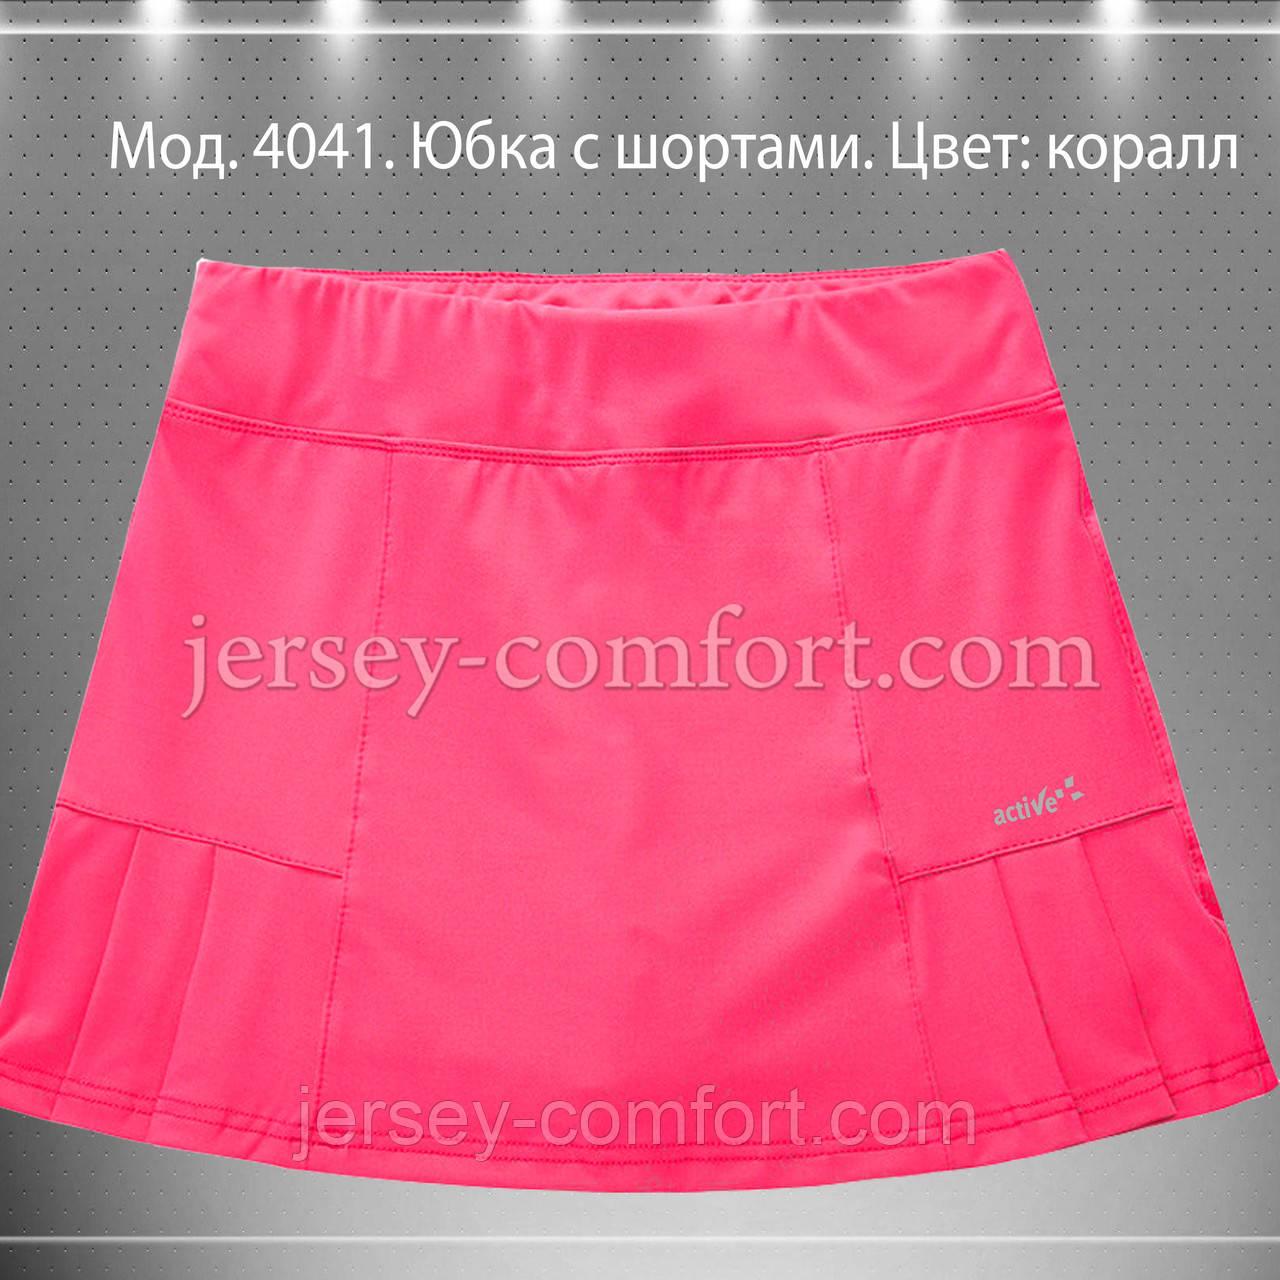 Юбка с шортами, коралловая. Юбка спортивная. Мод. 4041